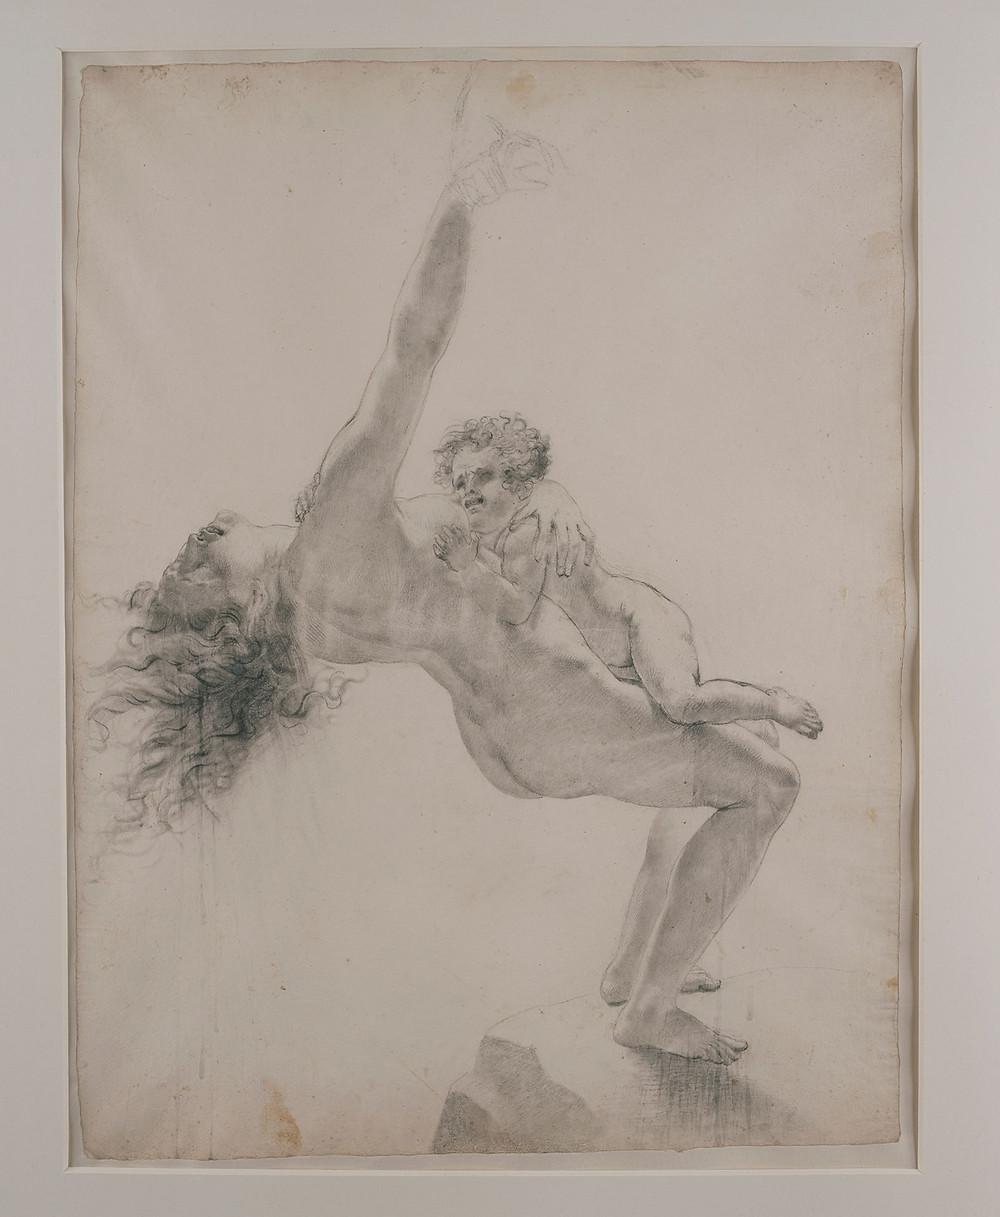 Etude pour l'enfant et sa mère, Montargis, musée Girodet, inv. 82.9